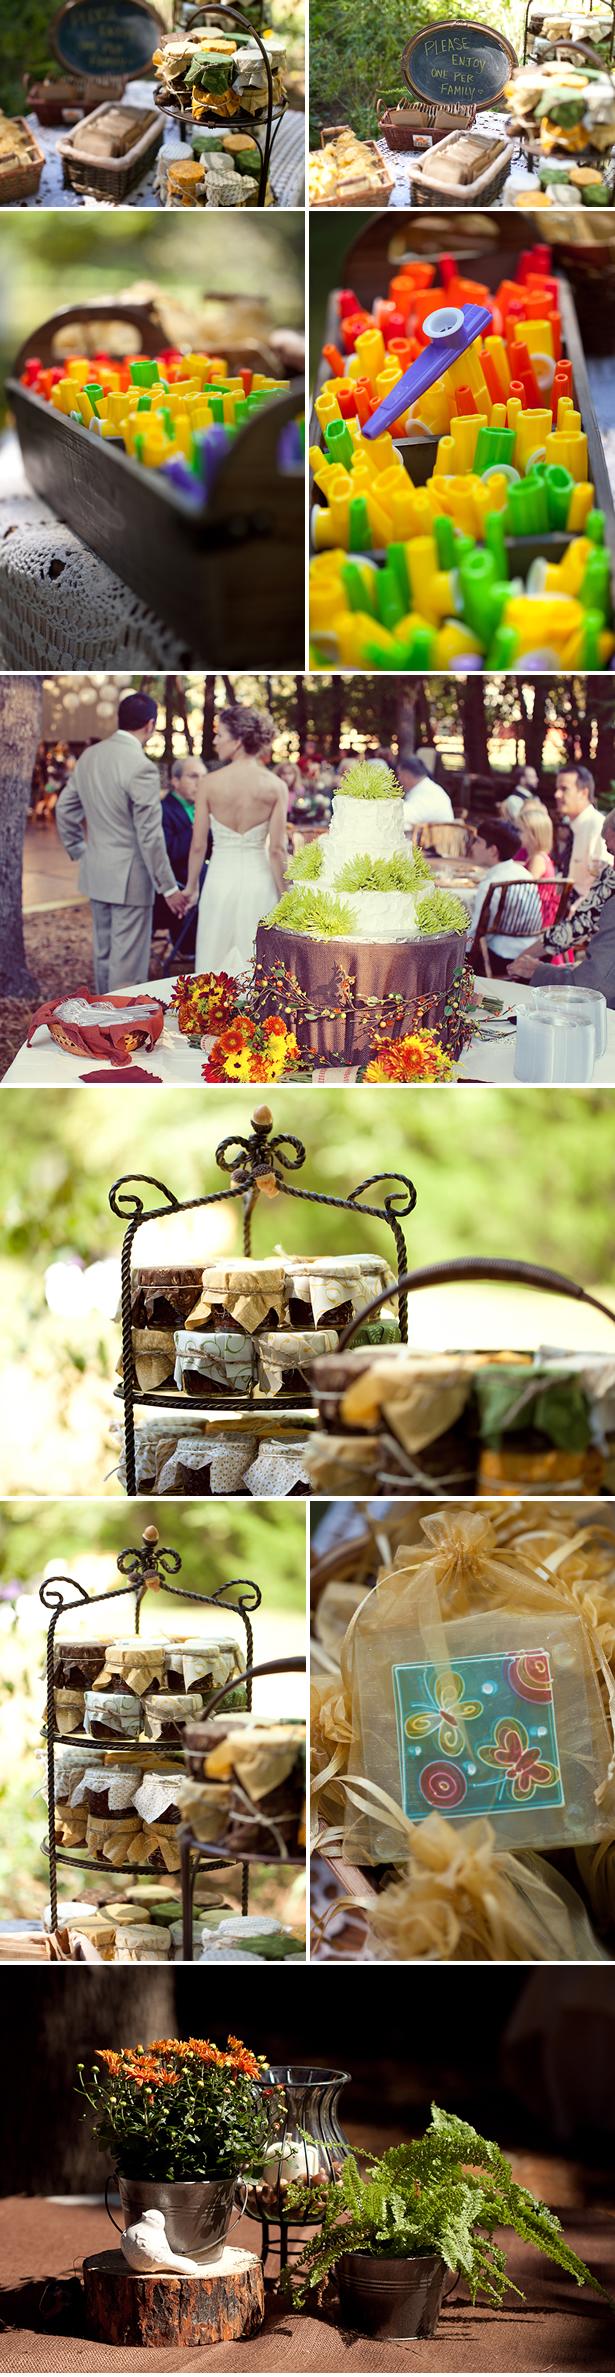 real backyard diy wedding ashley chris weddingwire the blog